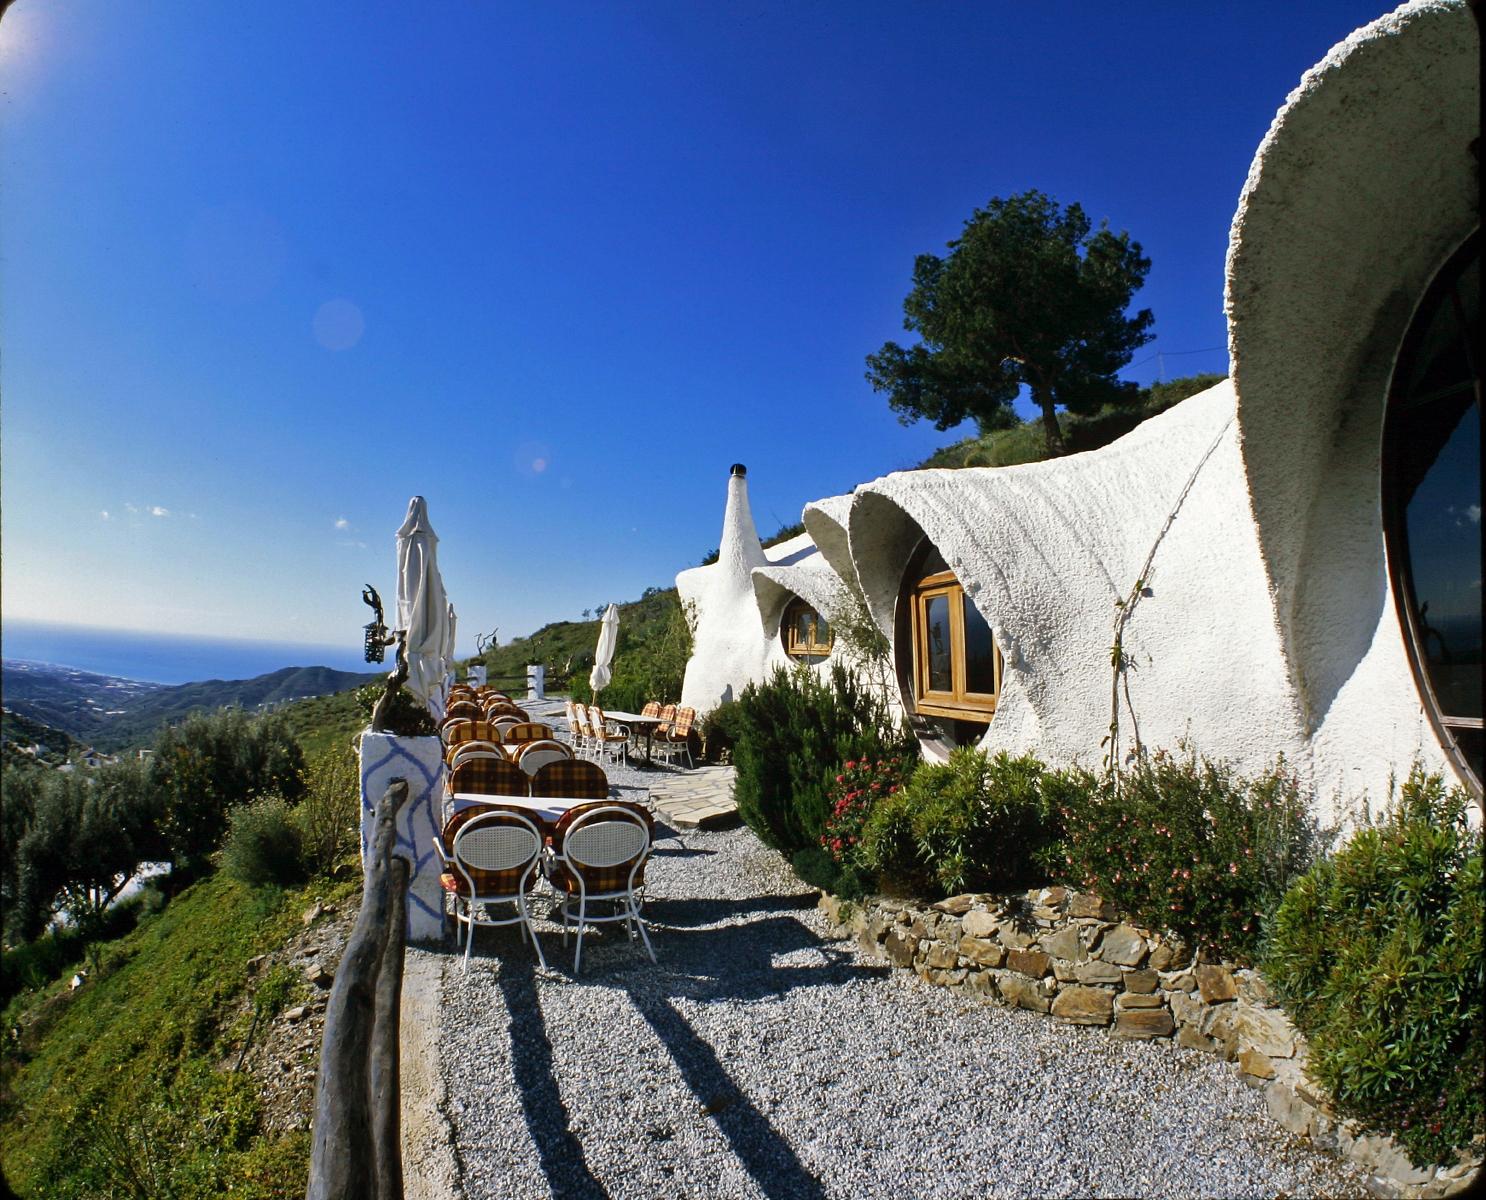 Hotel rural con encanto m laga espa a gabinohome - Fuerteventura hoteles con encanto ...